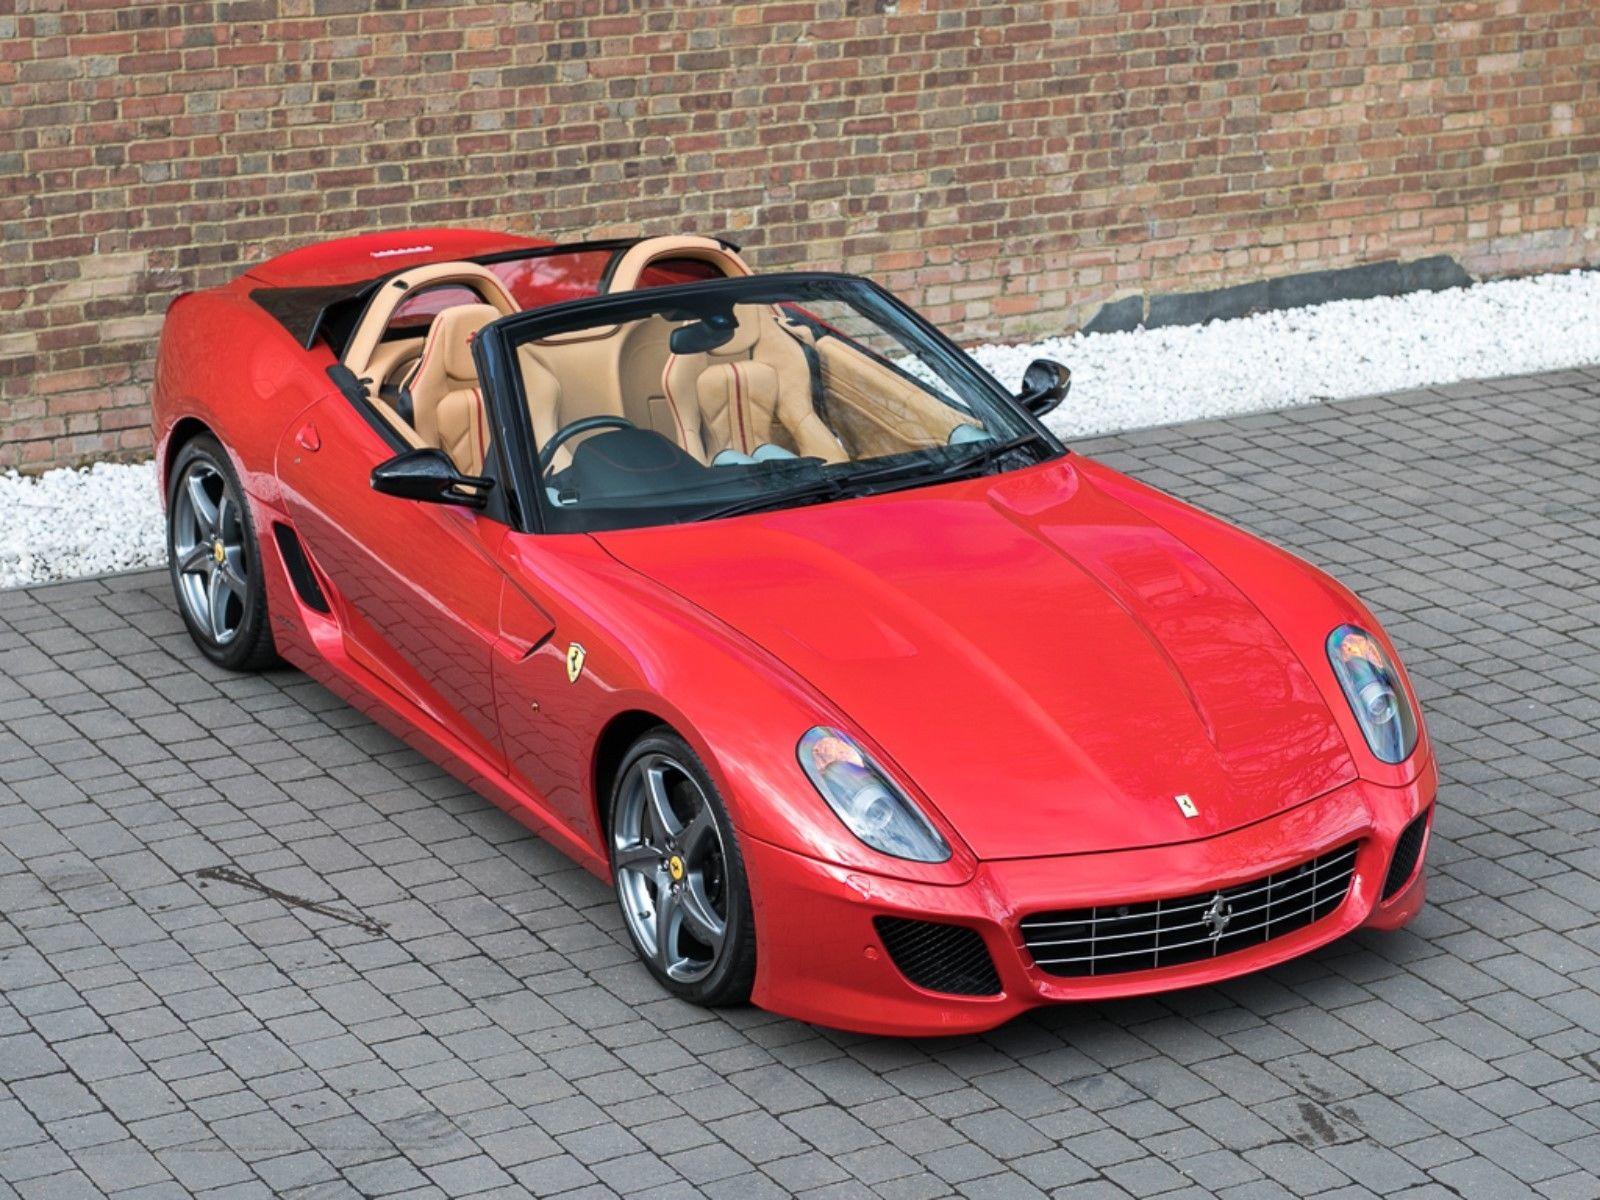 Ferrari 599 Sa Aperta Luxury Pulse Cars United Kingdom For Sale On Luxurypulse